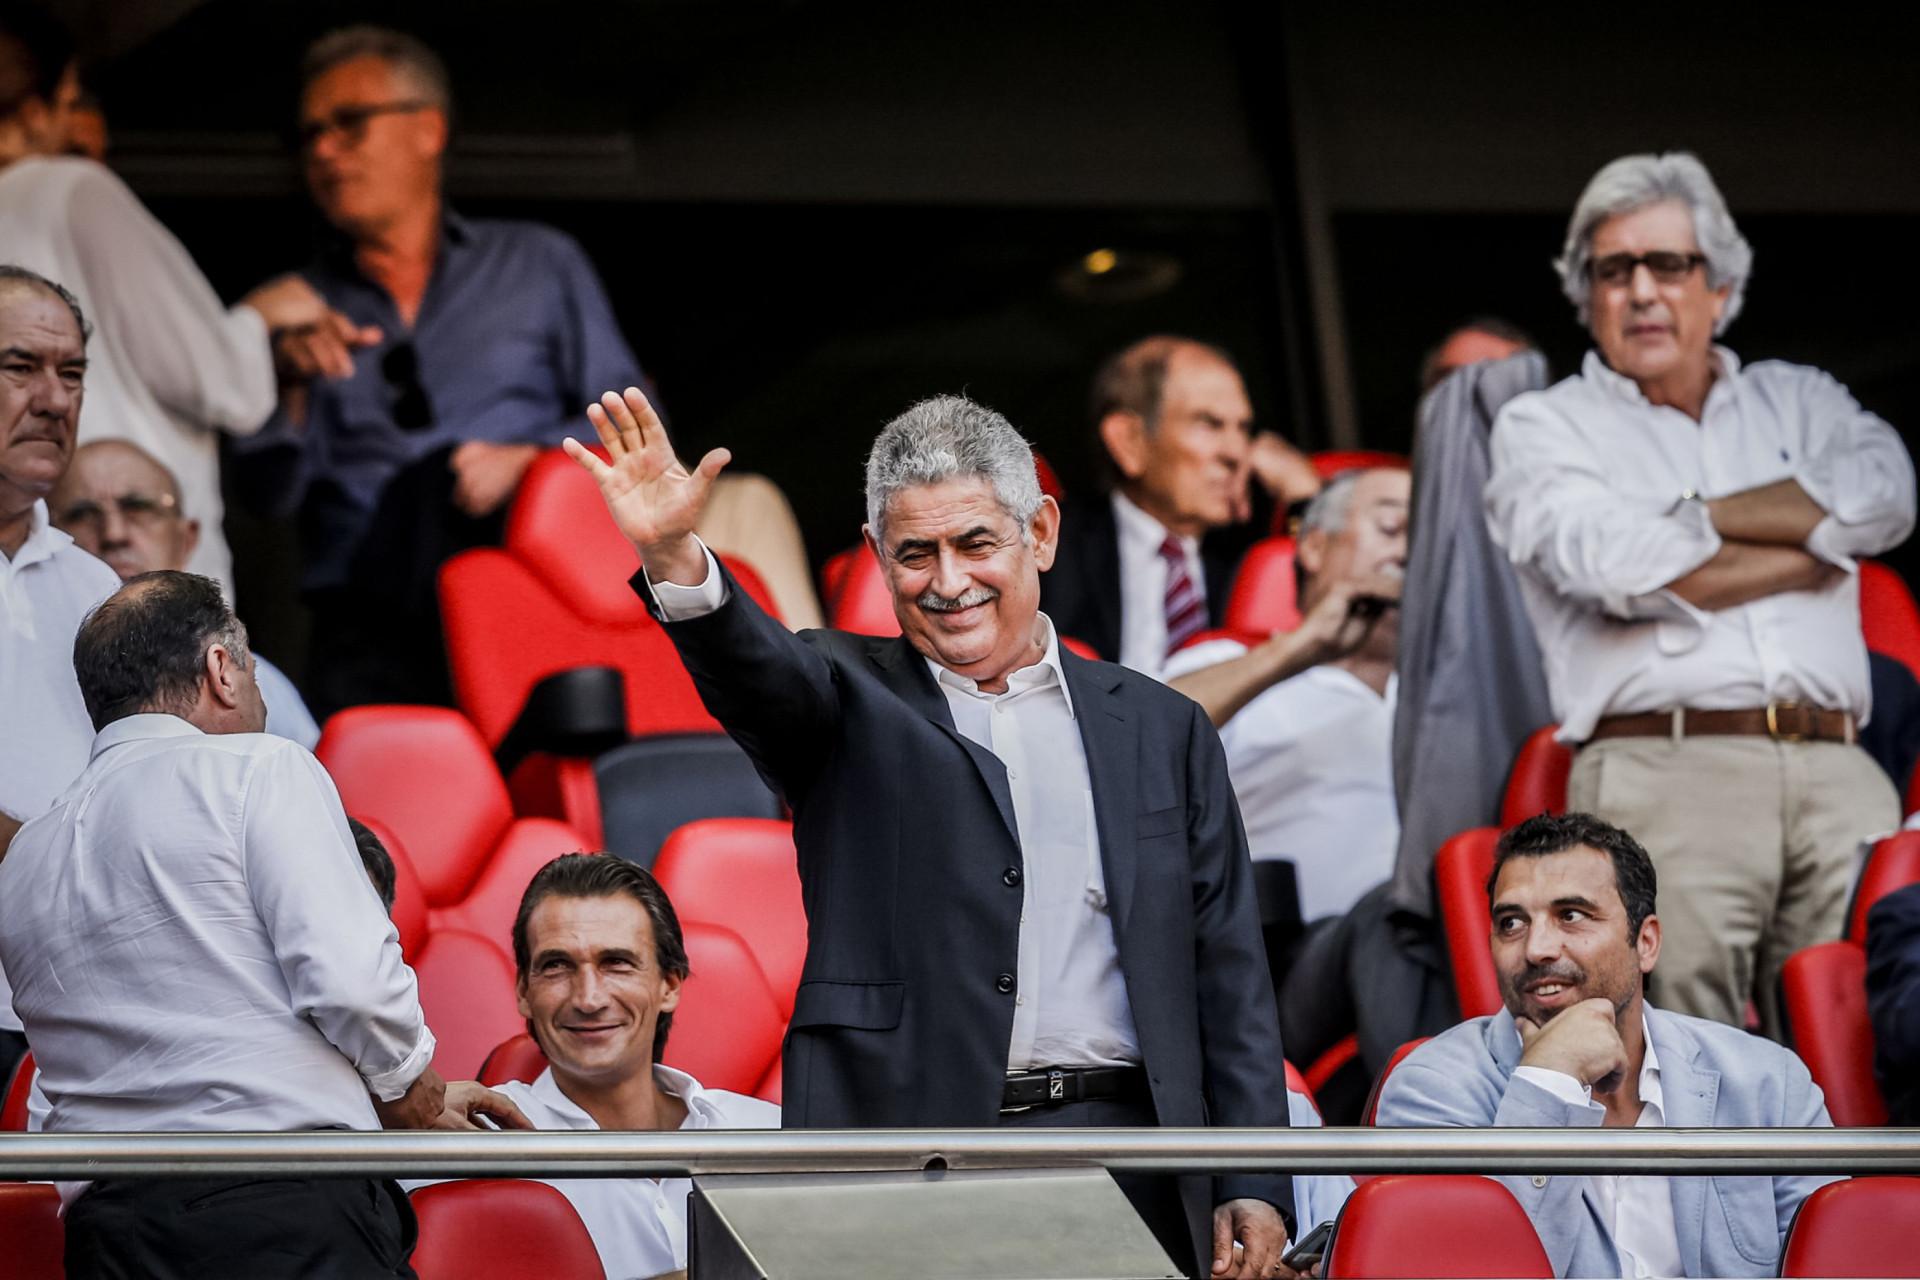 Luís Filipe Vieira volta ao ativo e assiste a jogo na tribuna da Luz